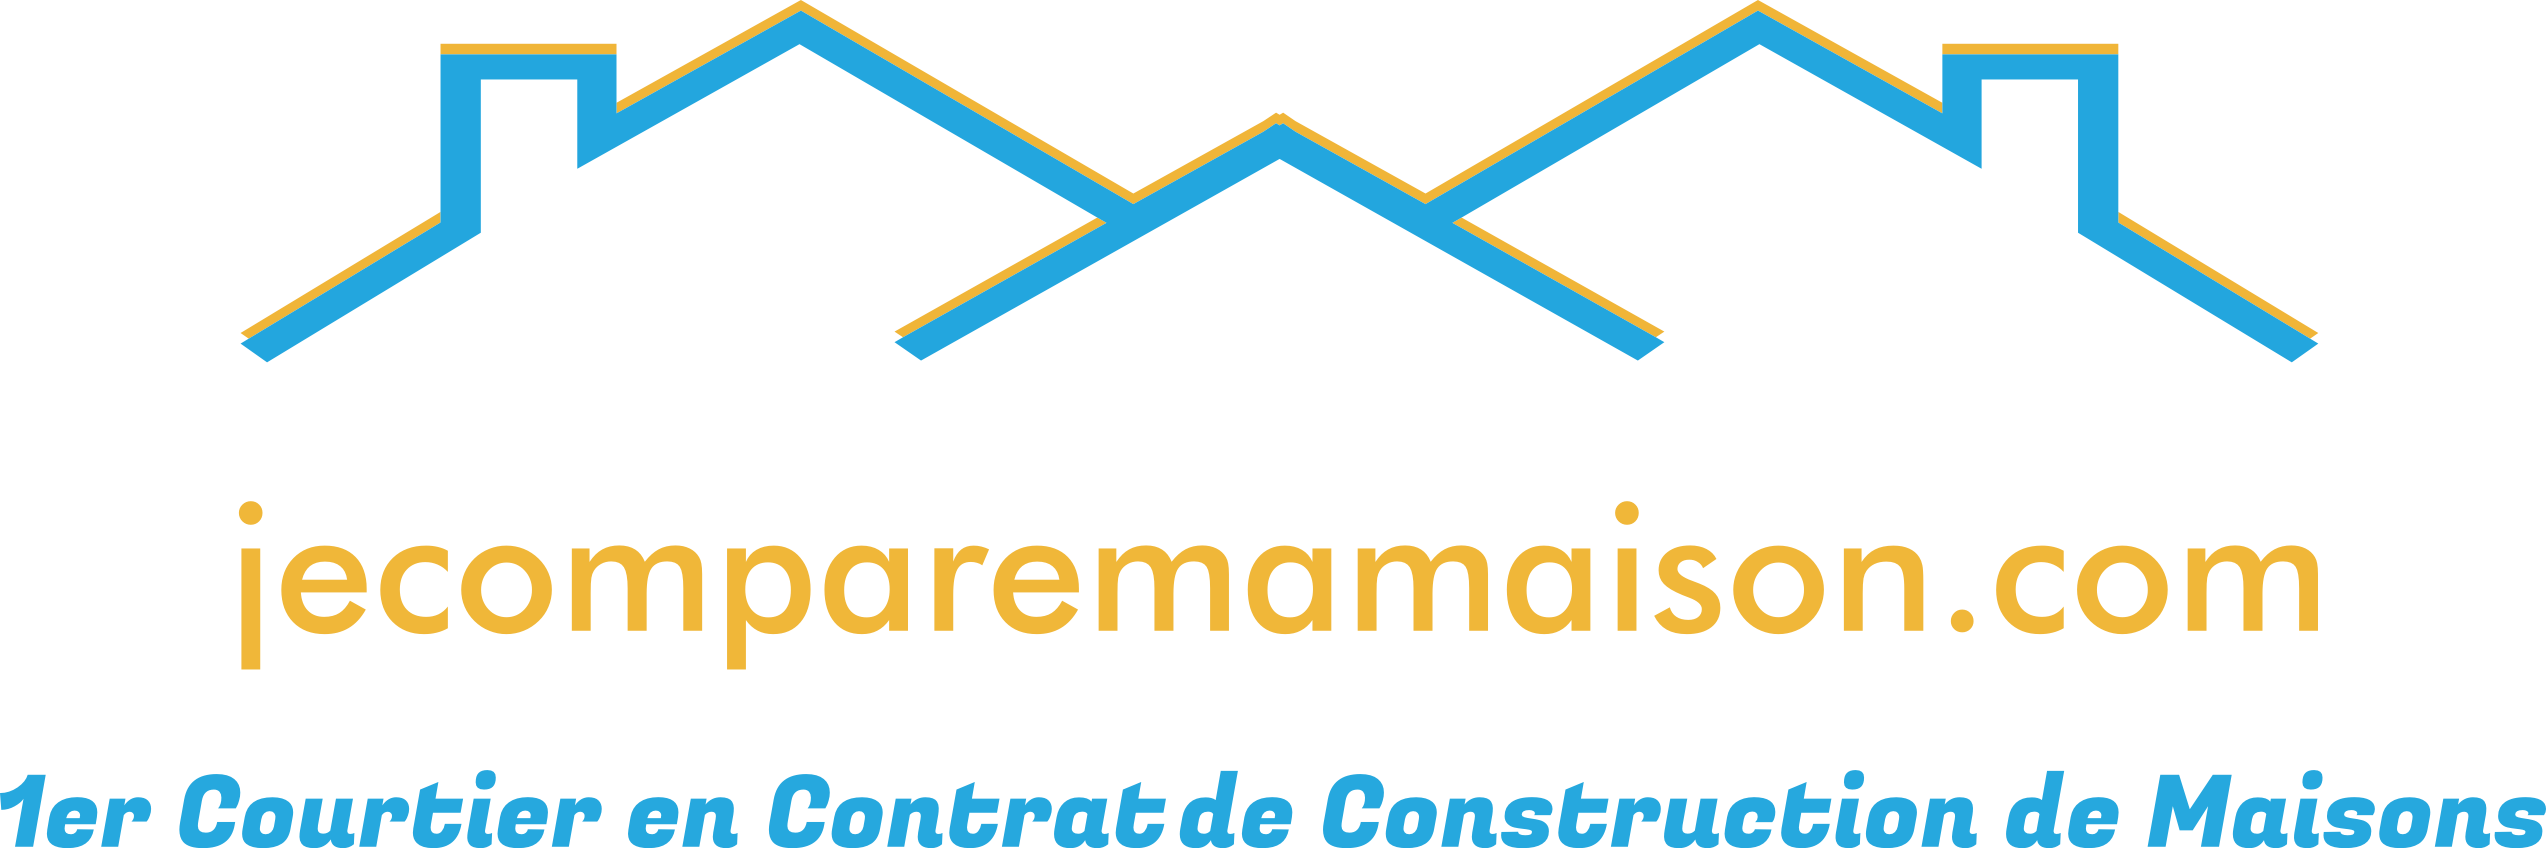 jecomparemamaison.com